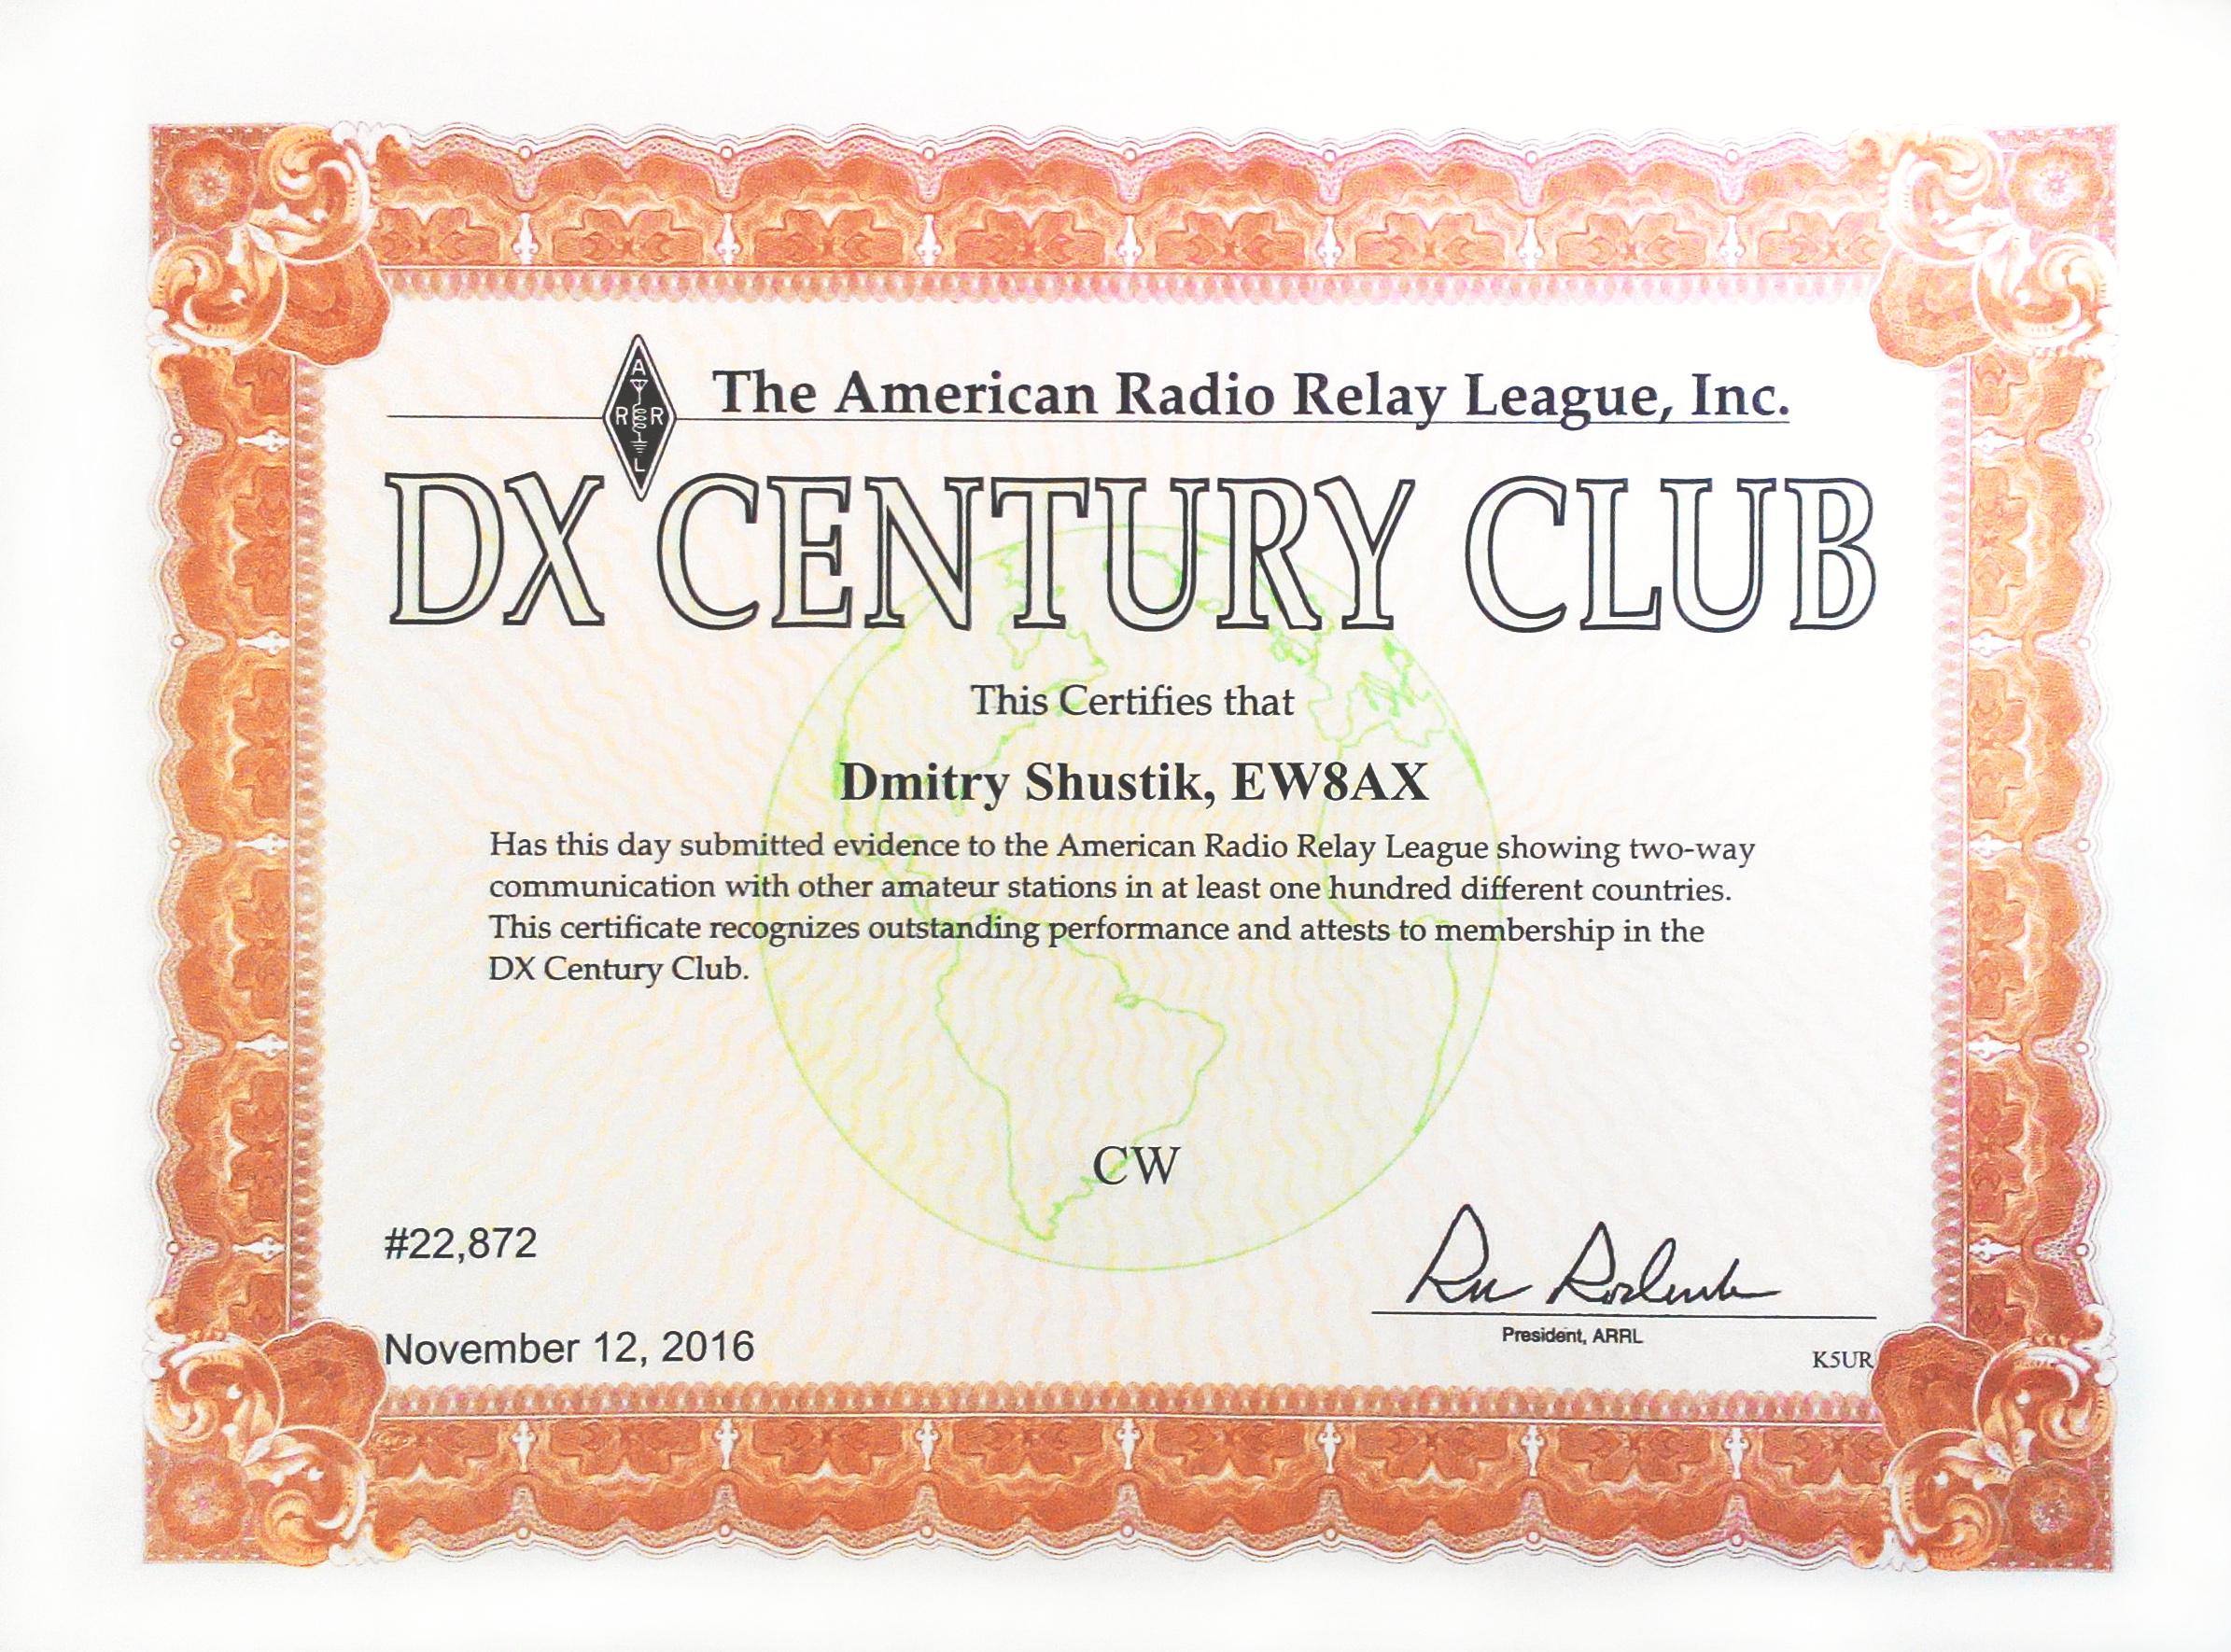 ARRL DXCC CW